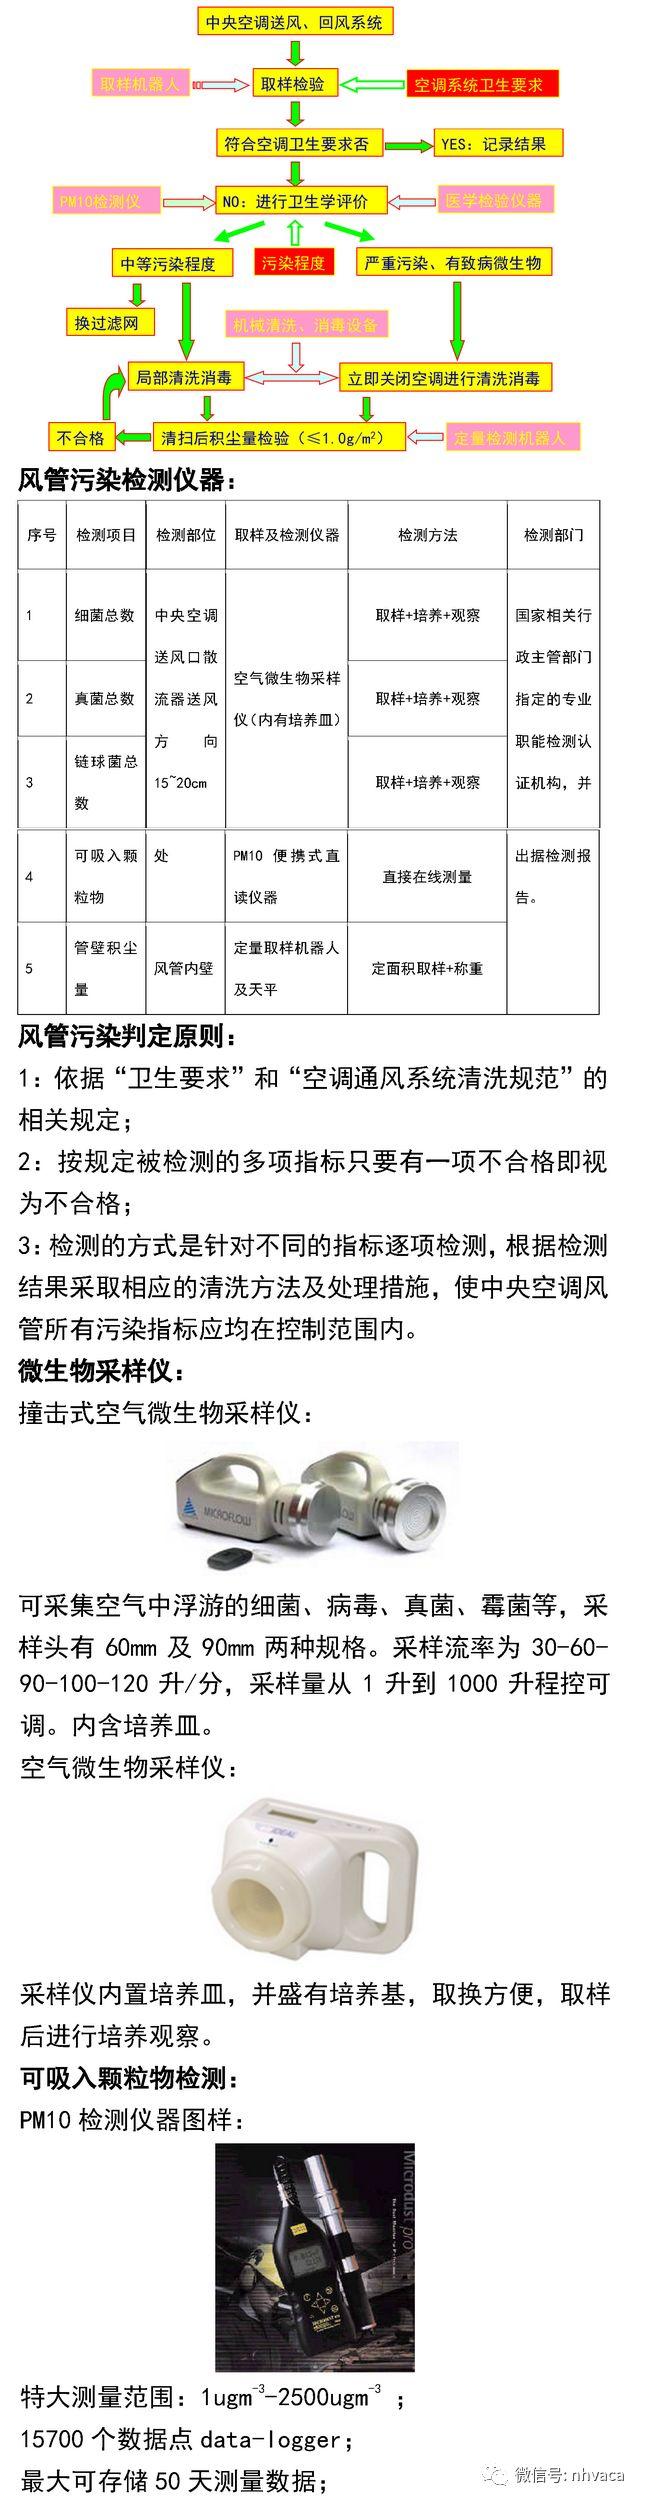 中央空调与风管系统清洗实操_10